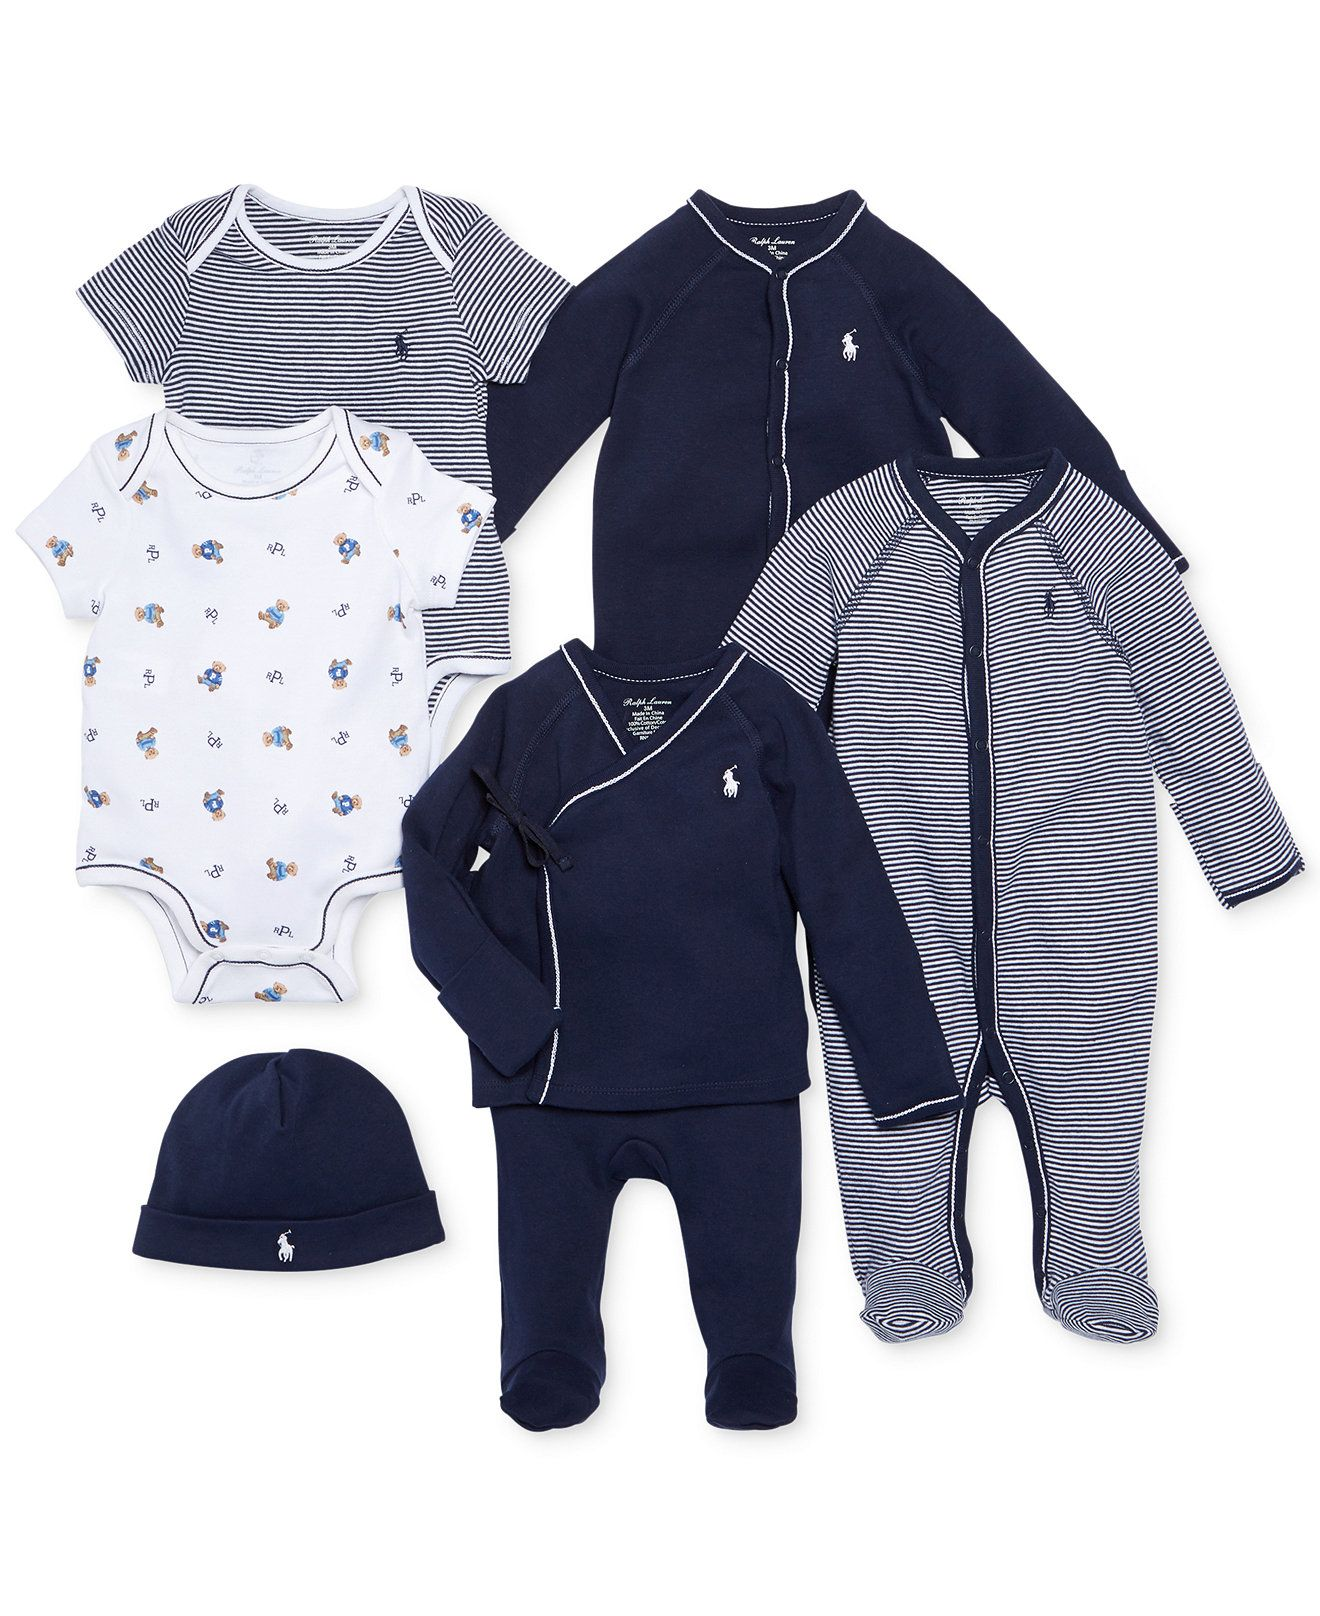 Ralph Lauren Baby Boys Nestled In Navy Gift Bundle Kids